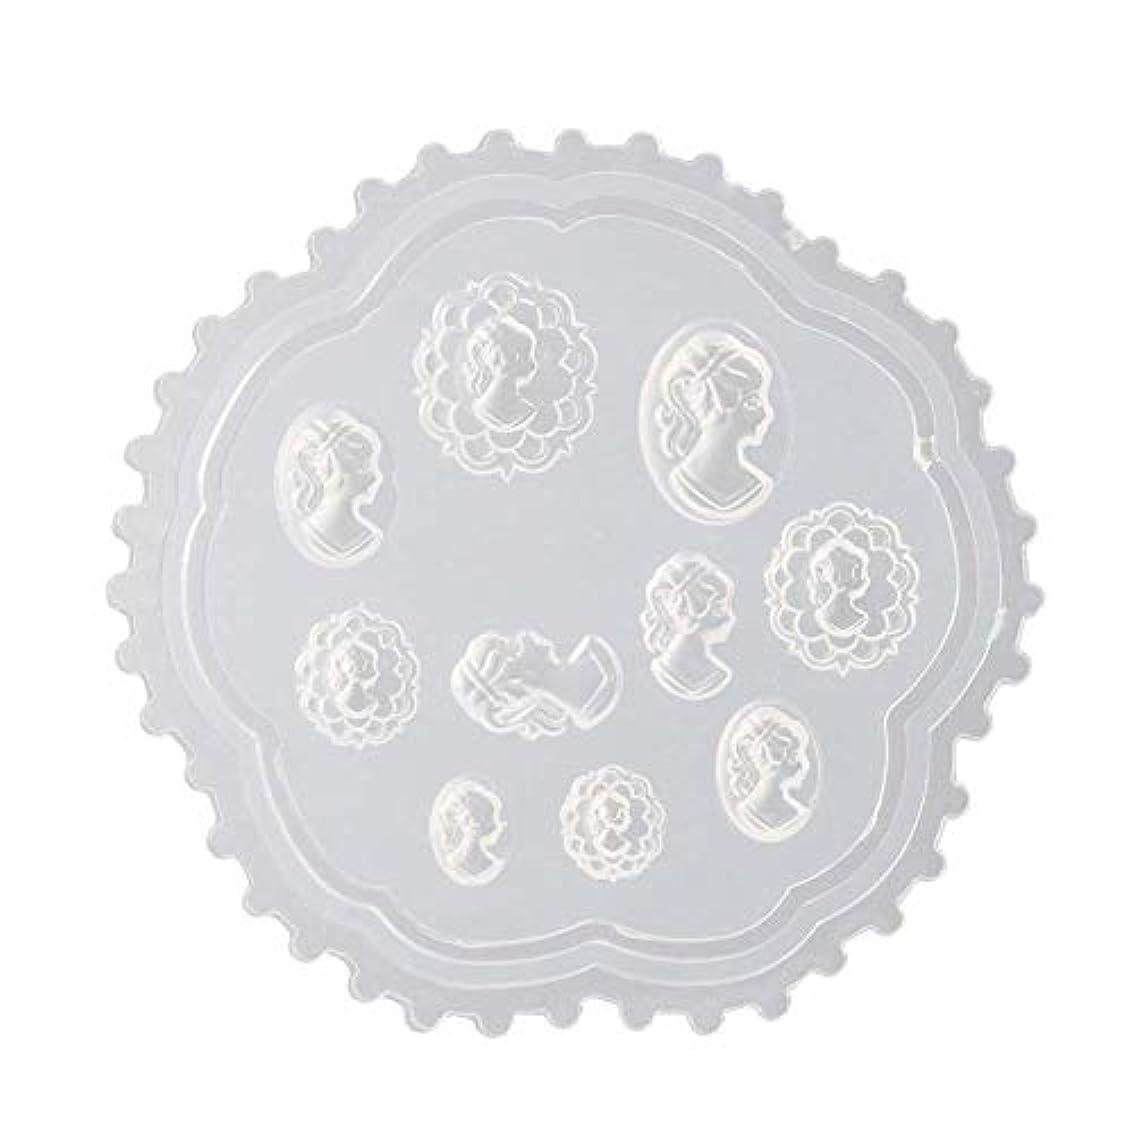 ミニ試用震えFlymylion 3Dシリコンモールド ネイル 葉 花 抜き型 3Dネイル用 レジンモールド UVレジン ネイルパーツ ジェル ネイル セット アクセサリー パーツ 作成 (2)